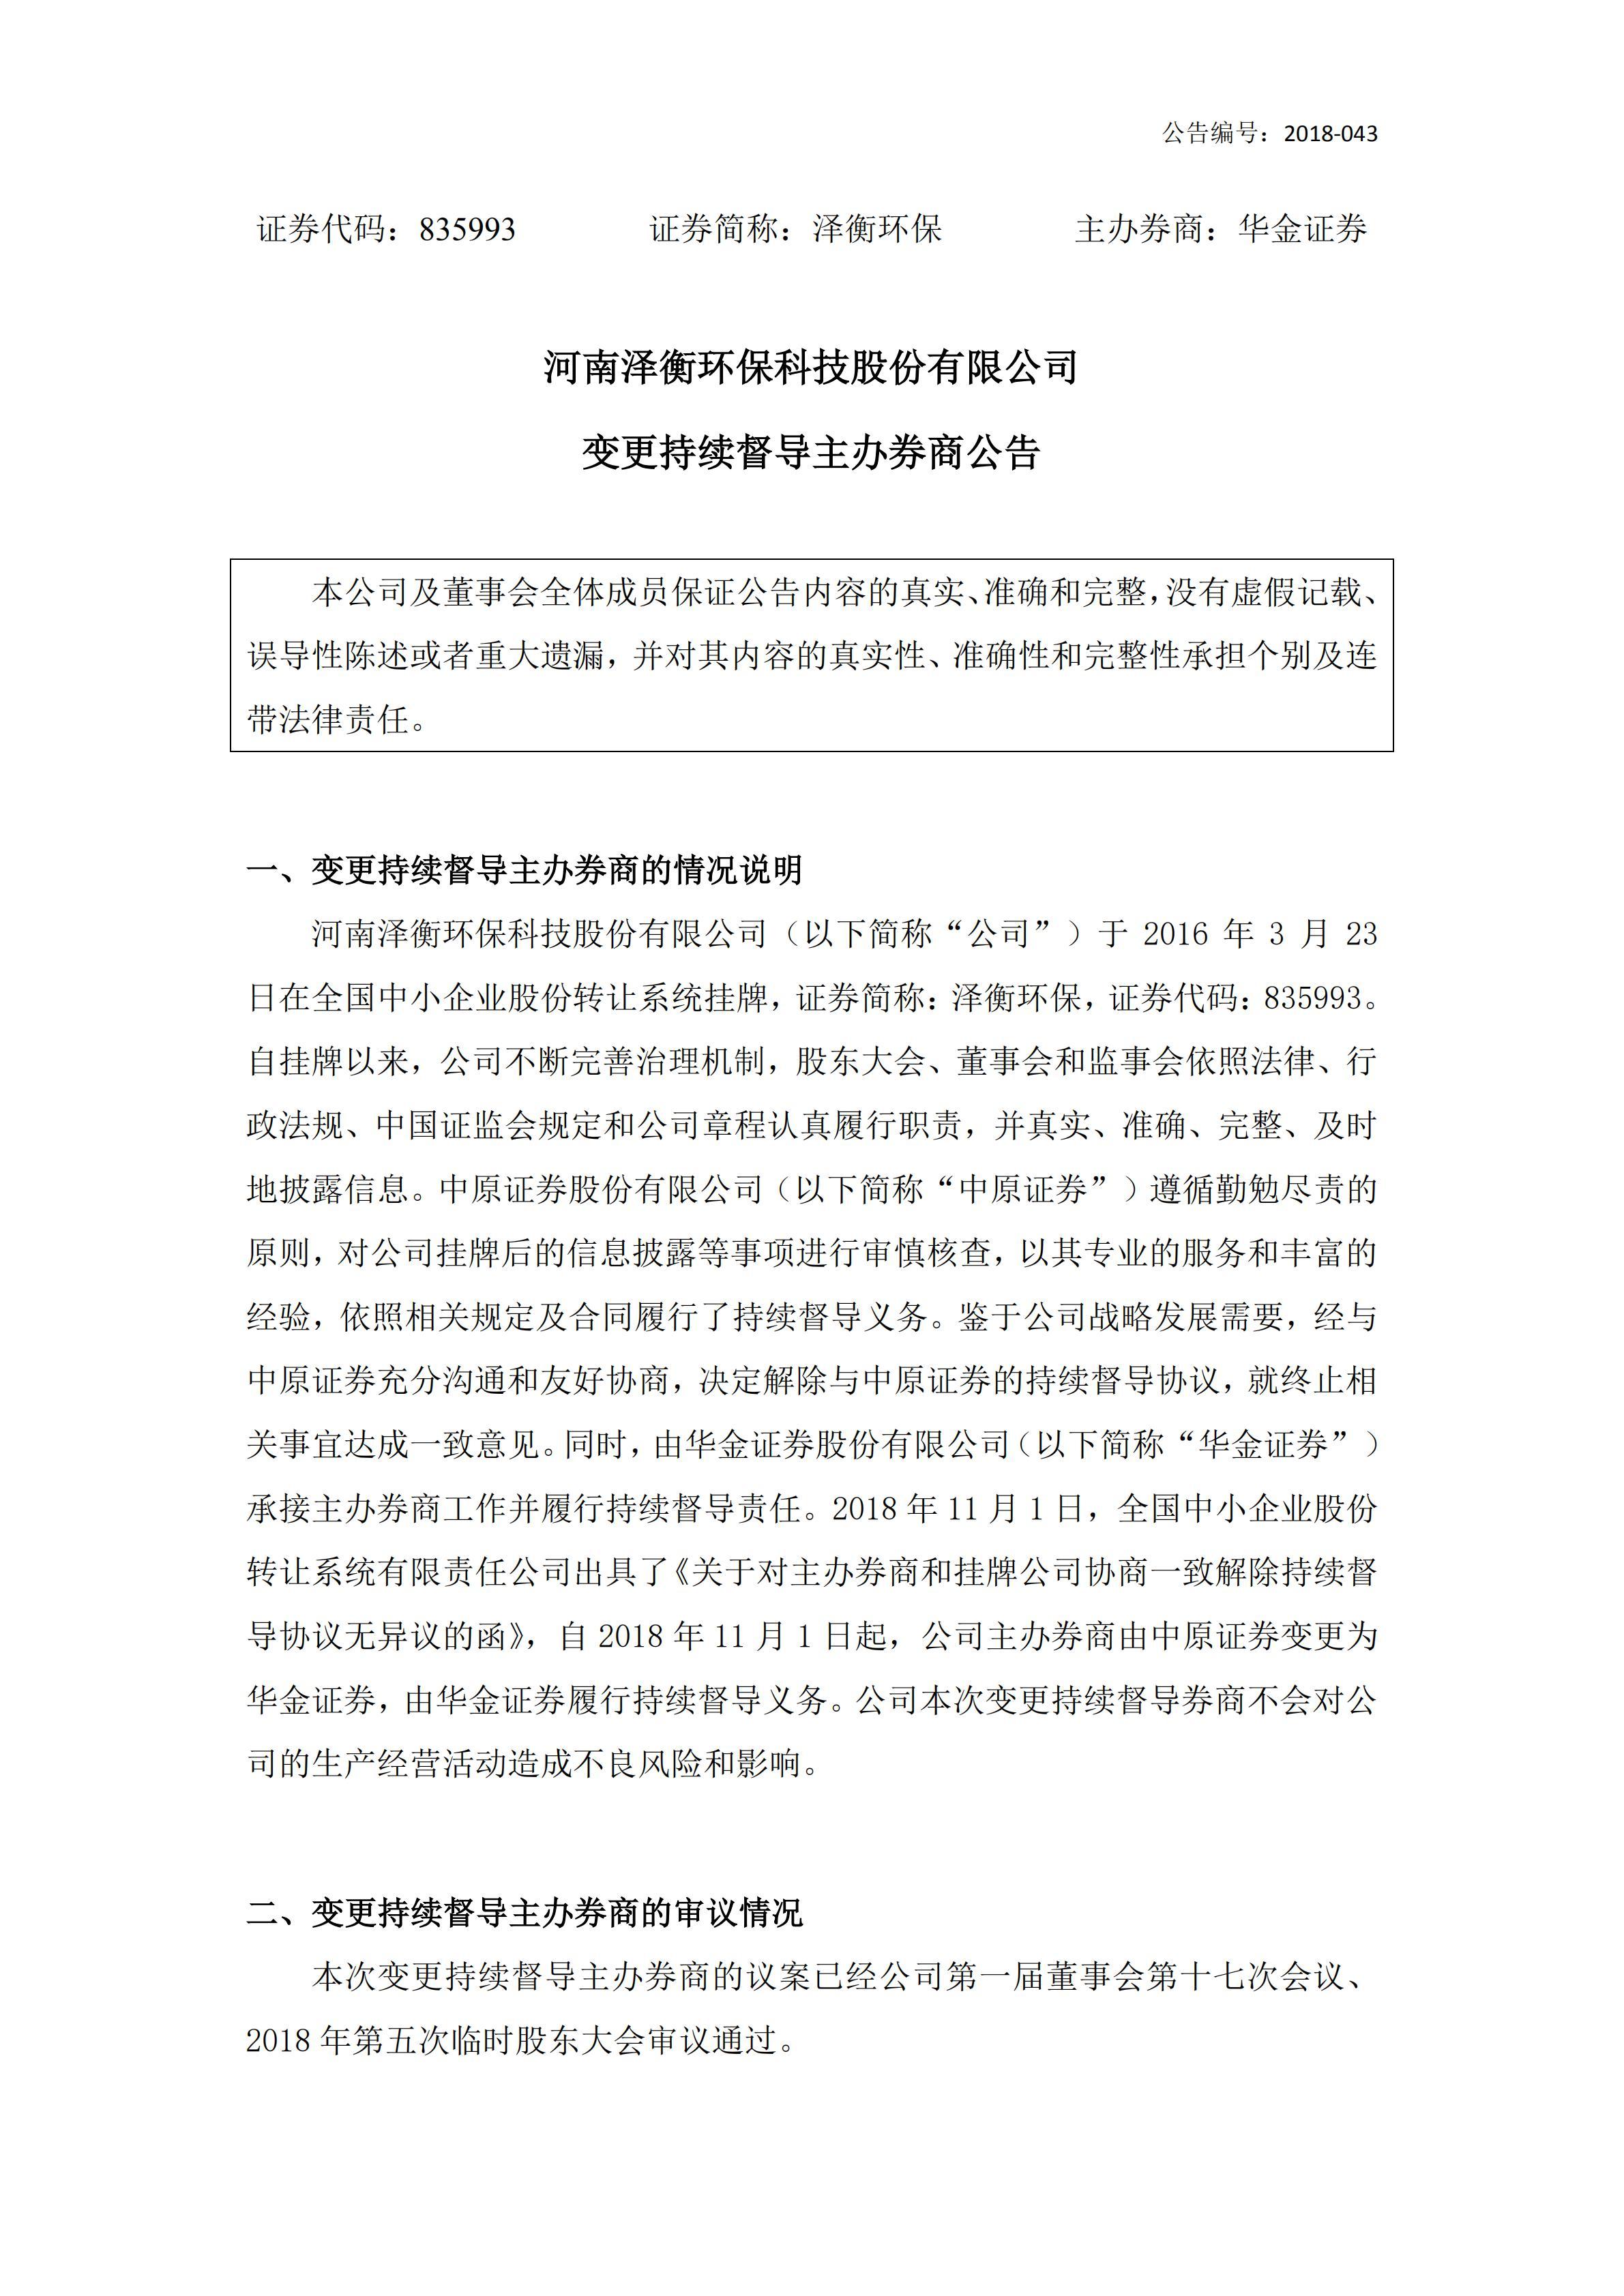 河南香蕉视频官网app污下载環保科技股份有限公司變更持續督導主辦券商公告